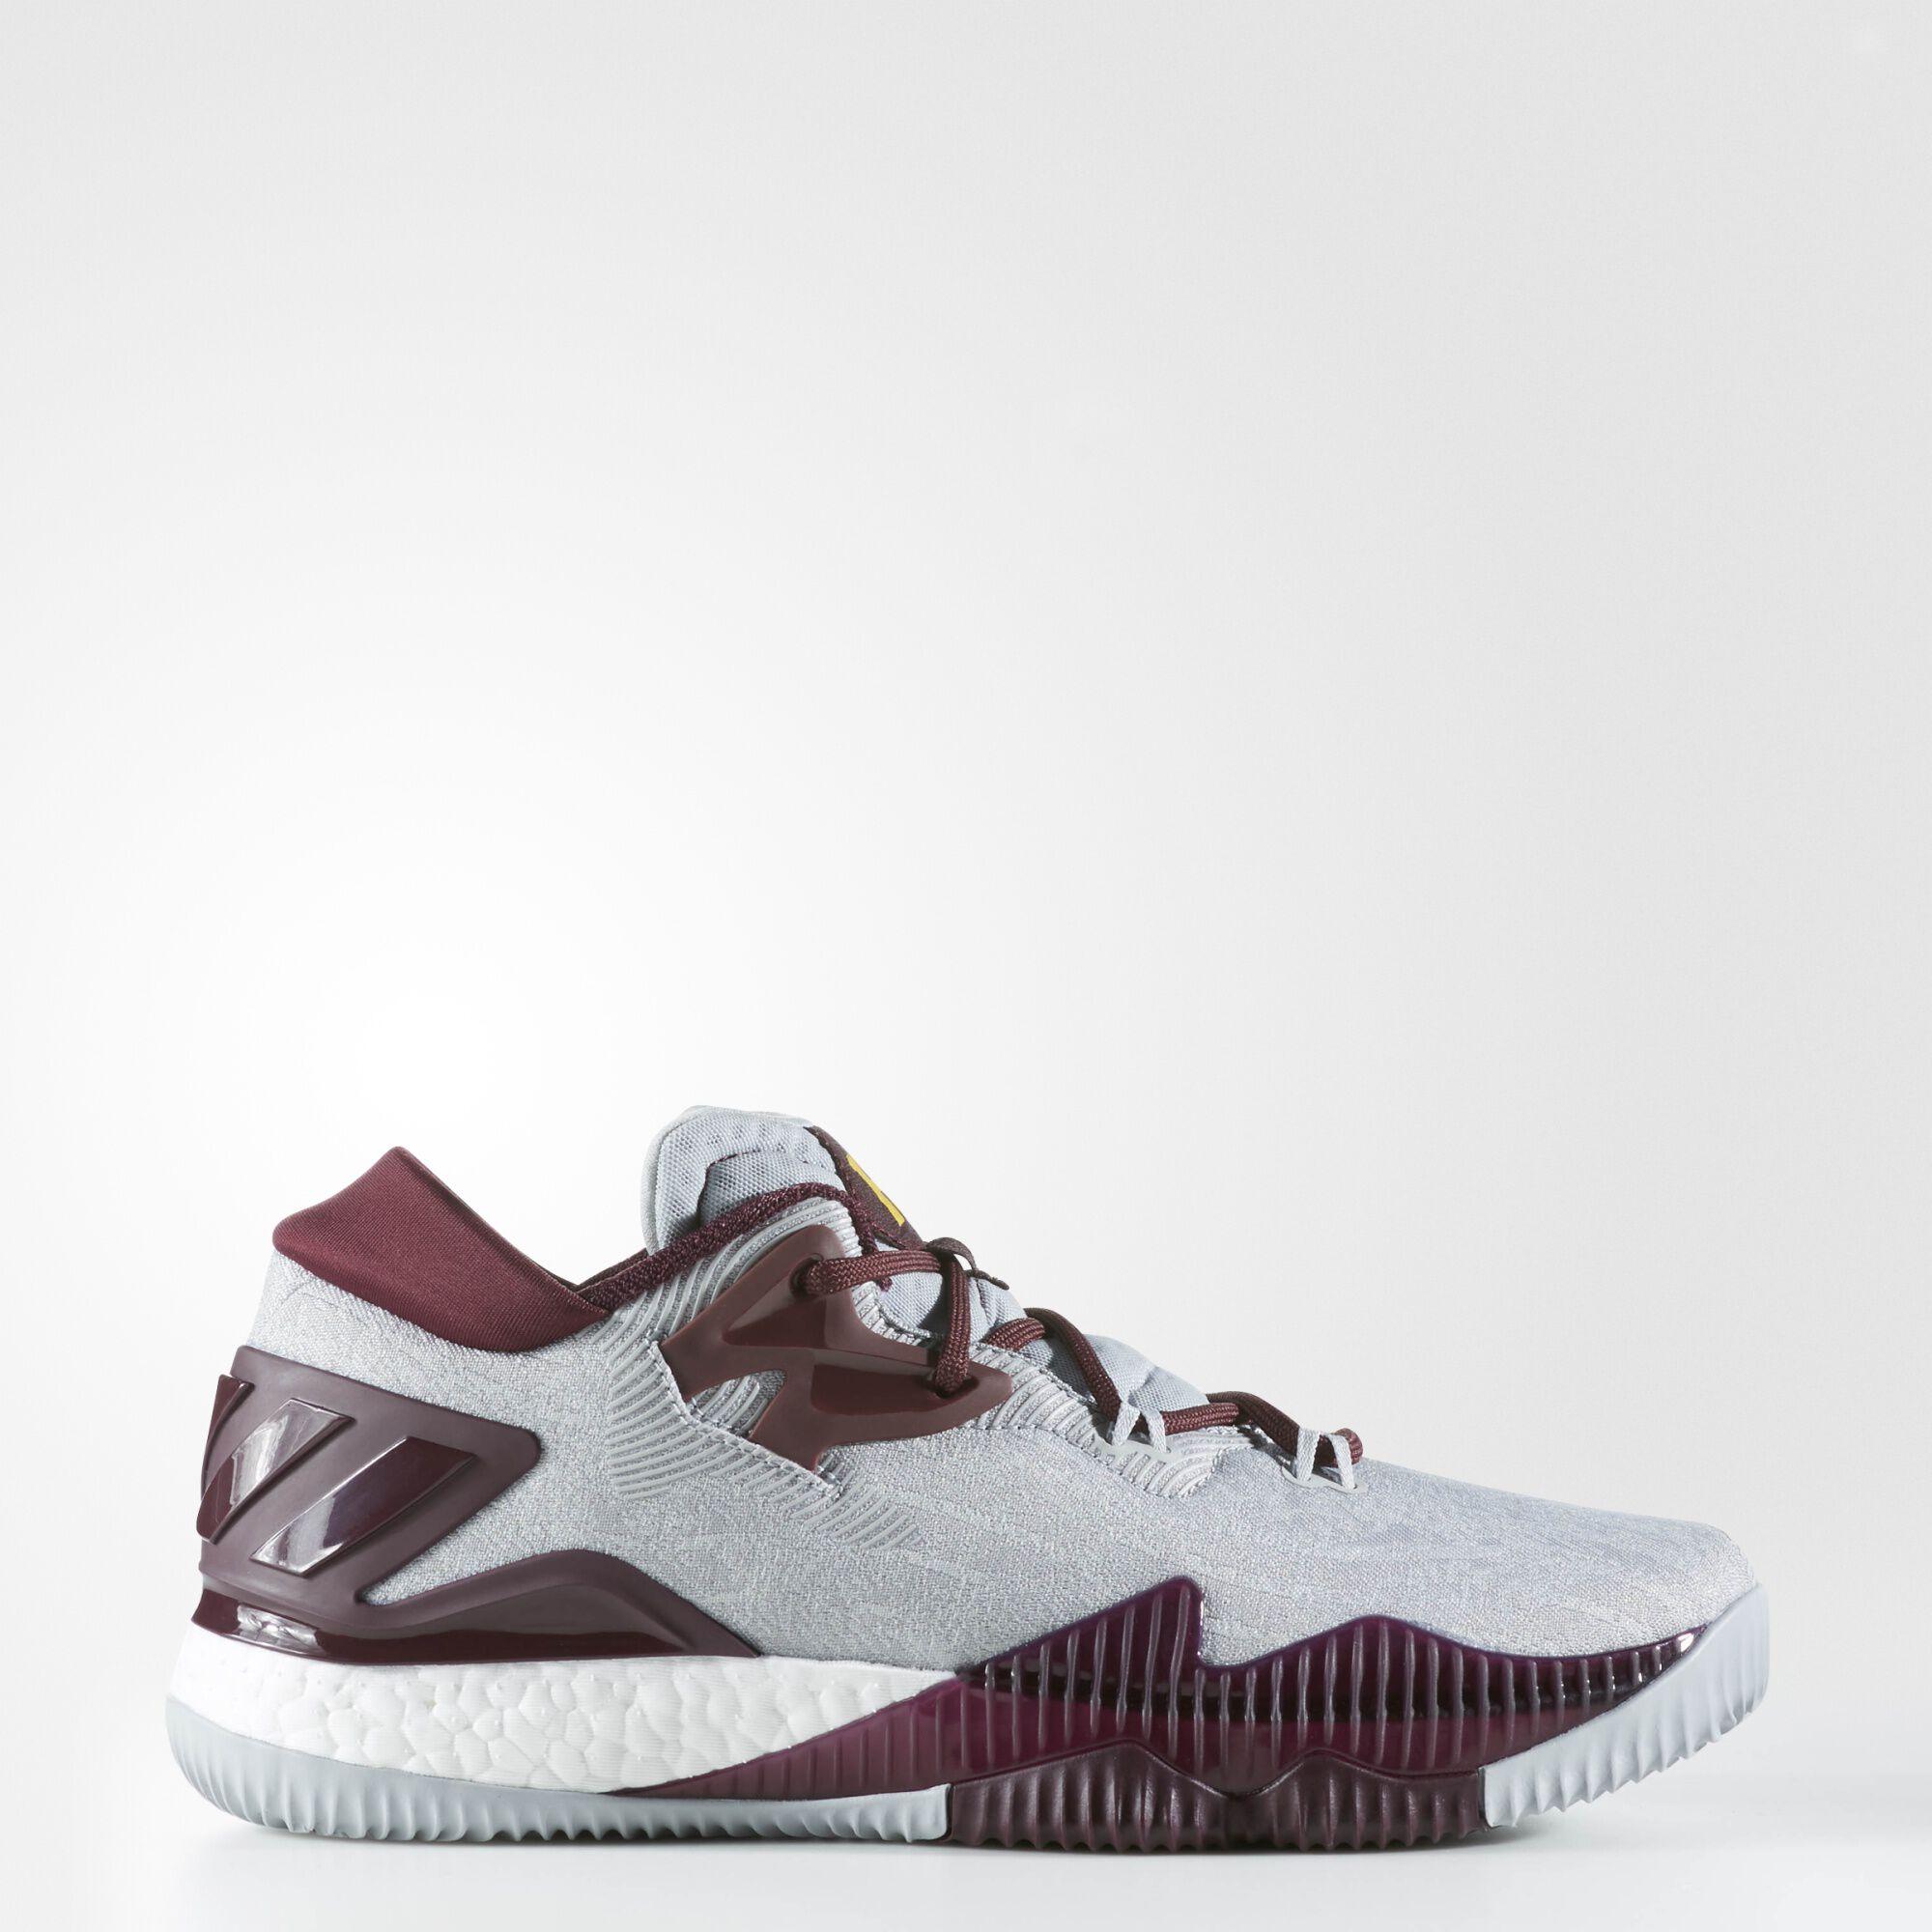 adidas basketball shoes low cut 2017 losgranados